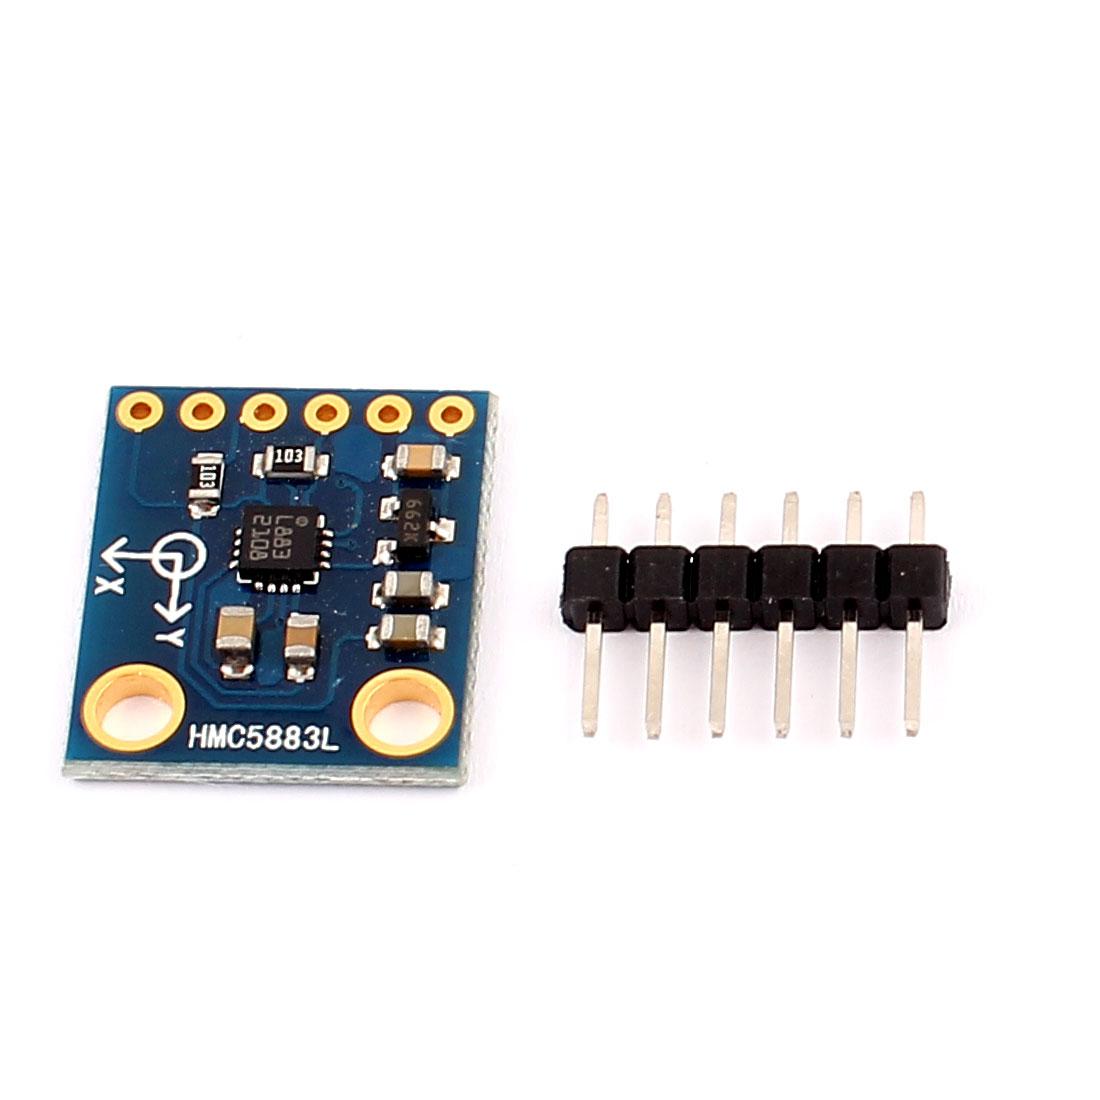 HMC5883L Electrical Compass Sensor Magnetometer Module 3V-5V w 6 Axis